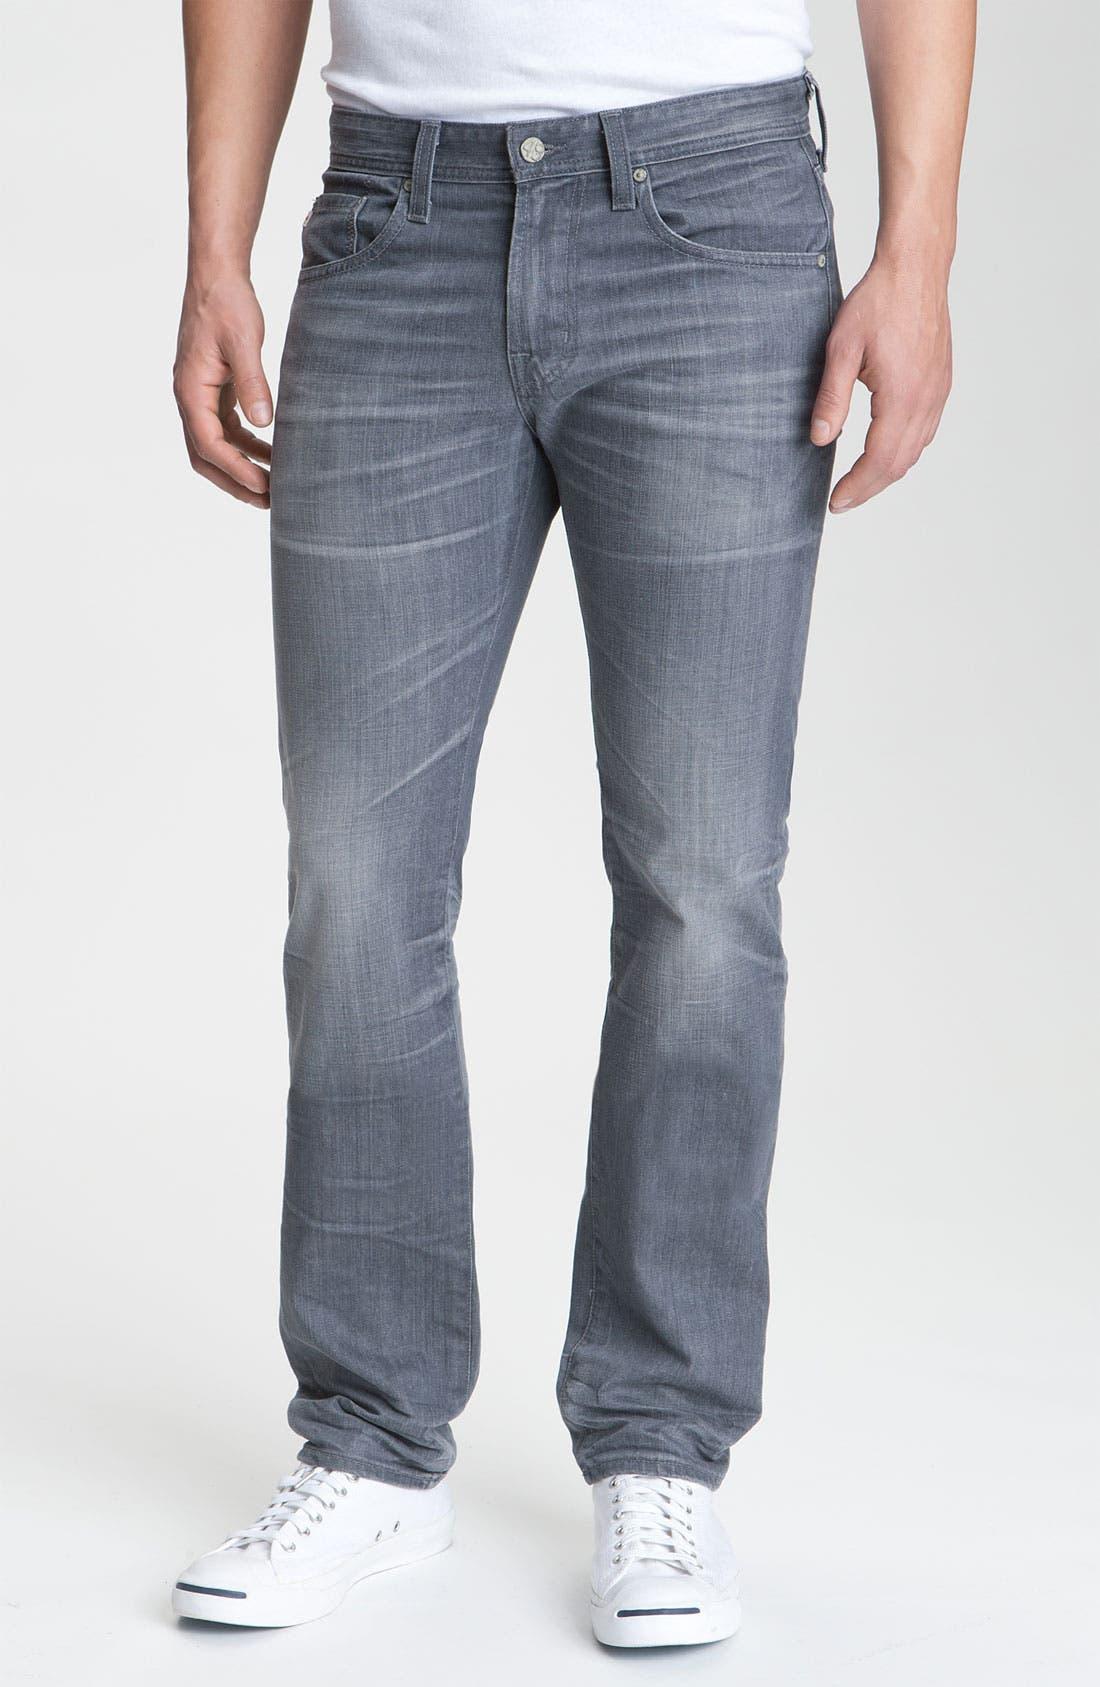 AG, 'Matchbox' Slim Fit Jeans, Main thumbnail 1, color, 020